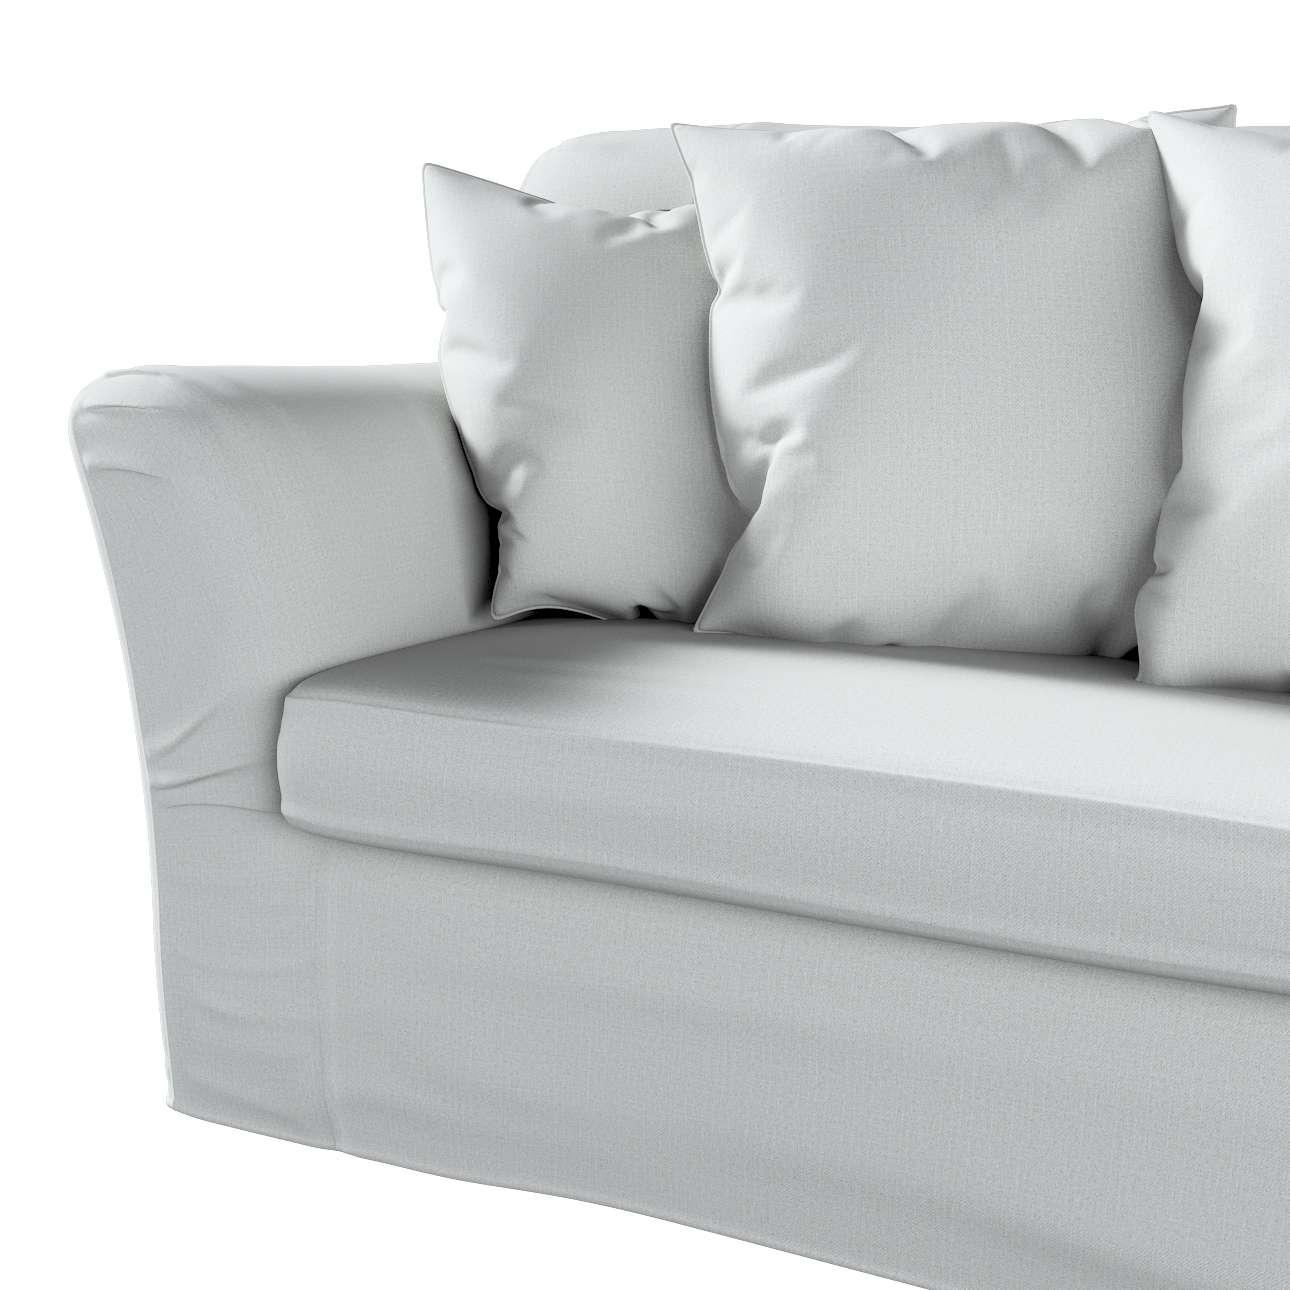 Pokrowiec na sofę Tomelilla 3-osobową rozkładaną w kolekcji Living, tkanina: 161-18